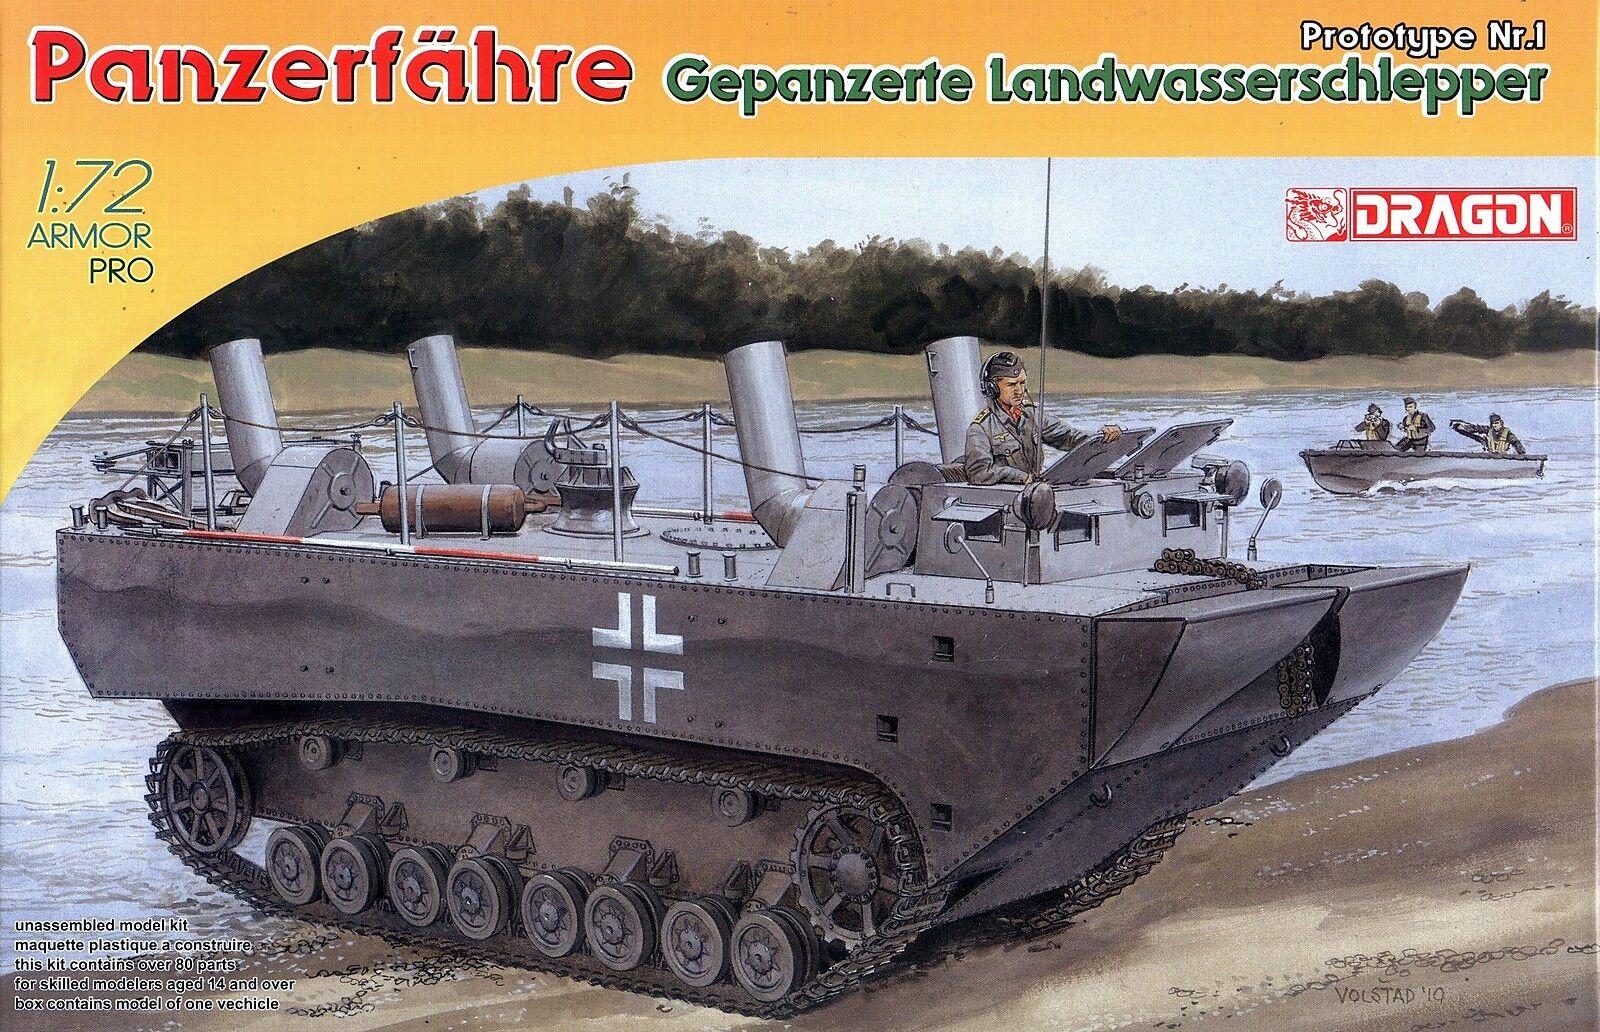 Dragon 1 72 7489 WWII Panzerfahre Predtype Nr.1 Gepanzerte Landwasserschlepper